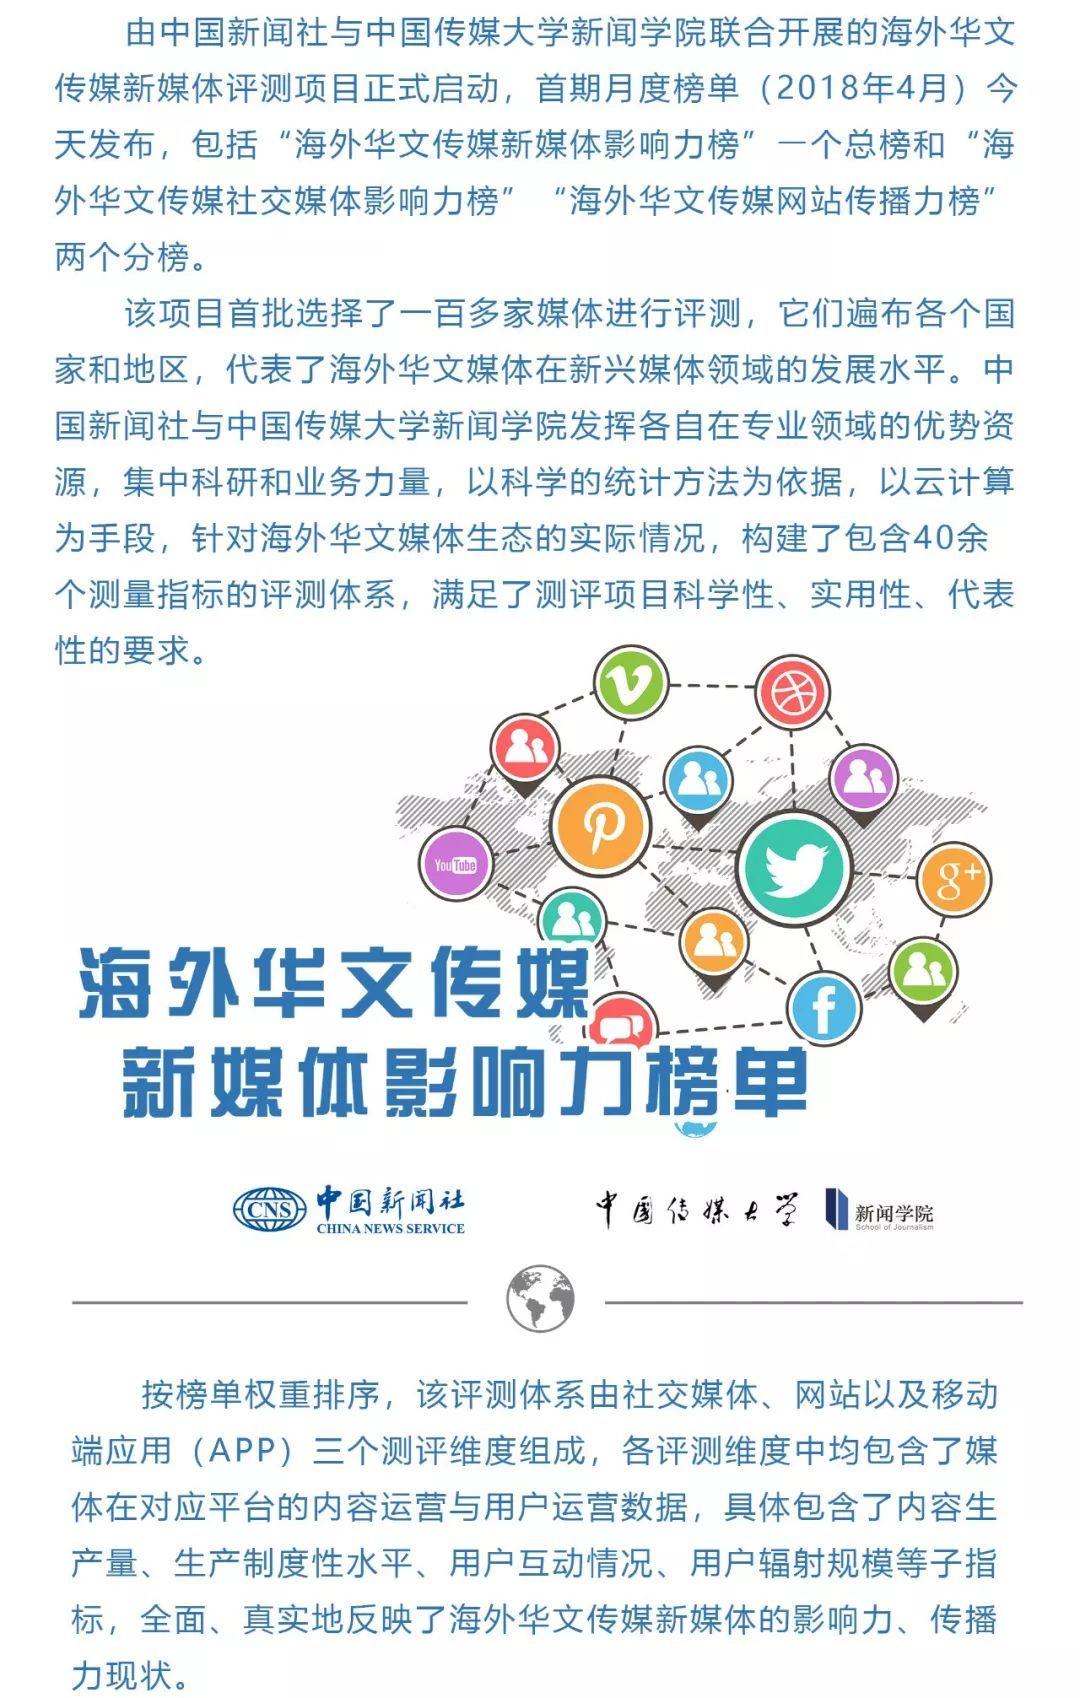 海外華文傳媒新媒體影響力榜單釋出